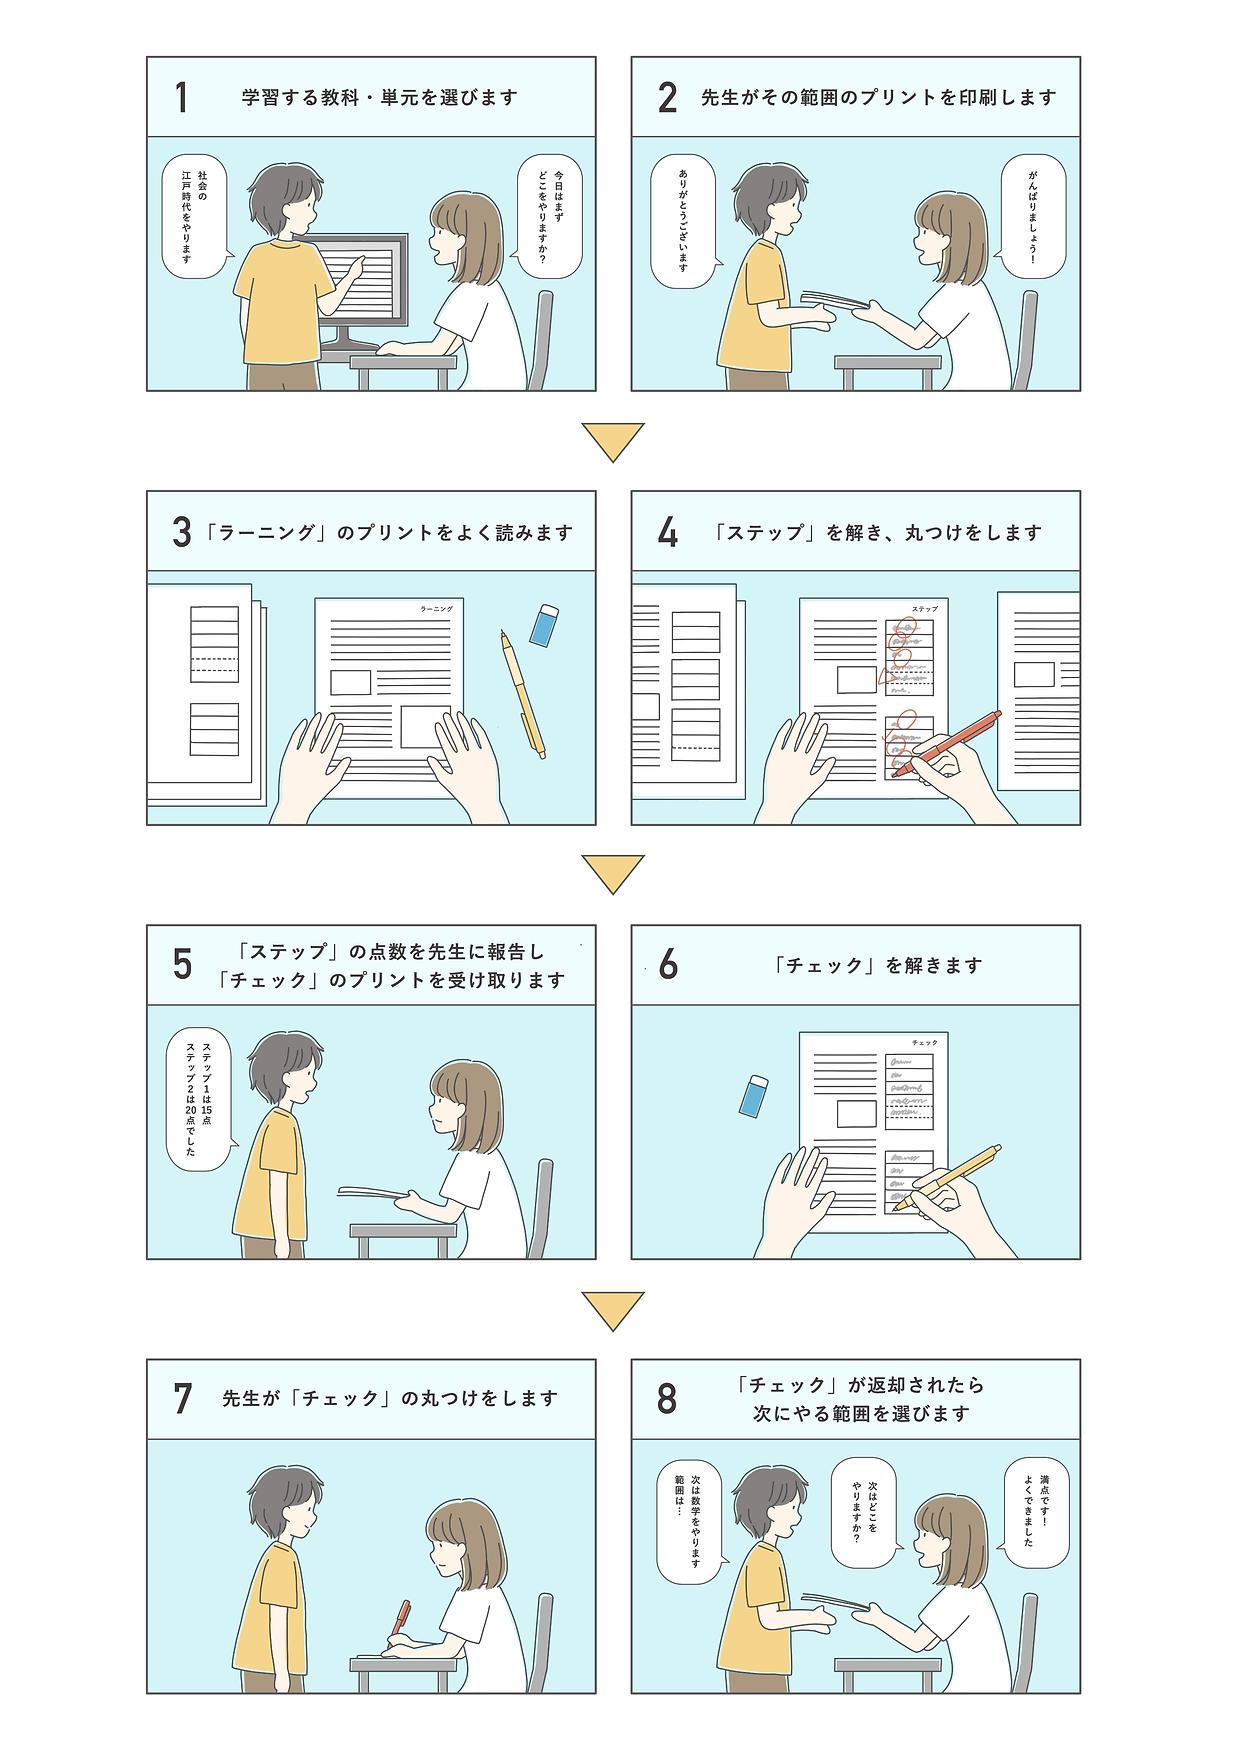 かんトレ漫画_アートボード 1.png